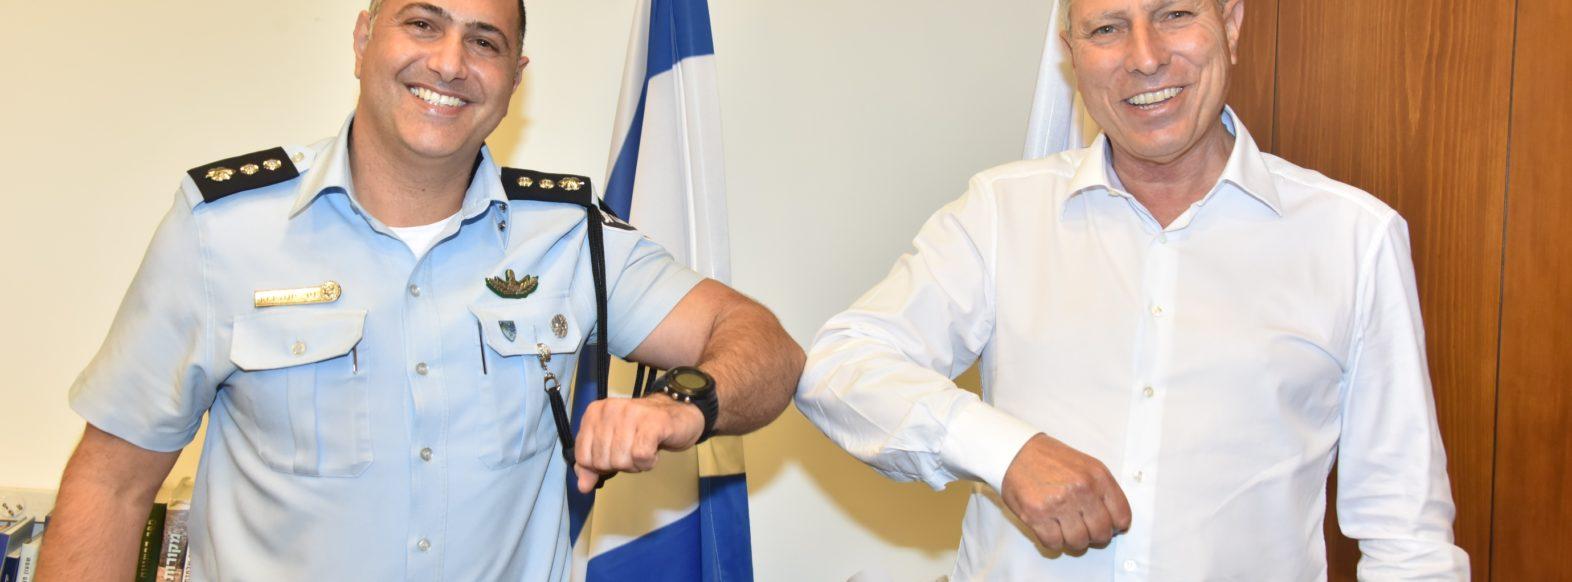 """מפקד התחנה החדש נצ""""מ ניר יונה בביקור אצל ראש העיר יעקב פרץ"""